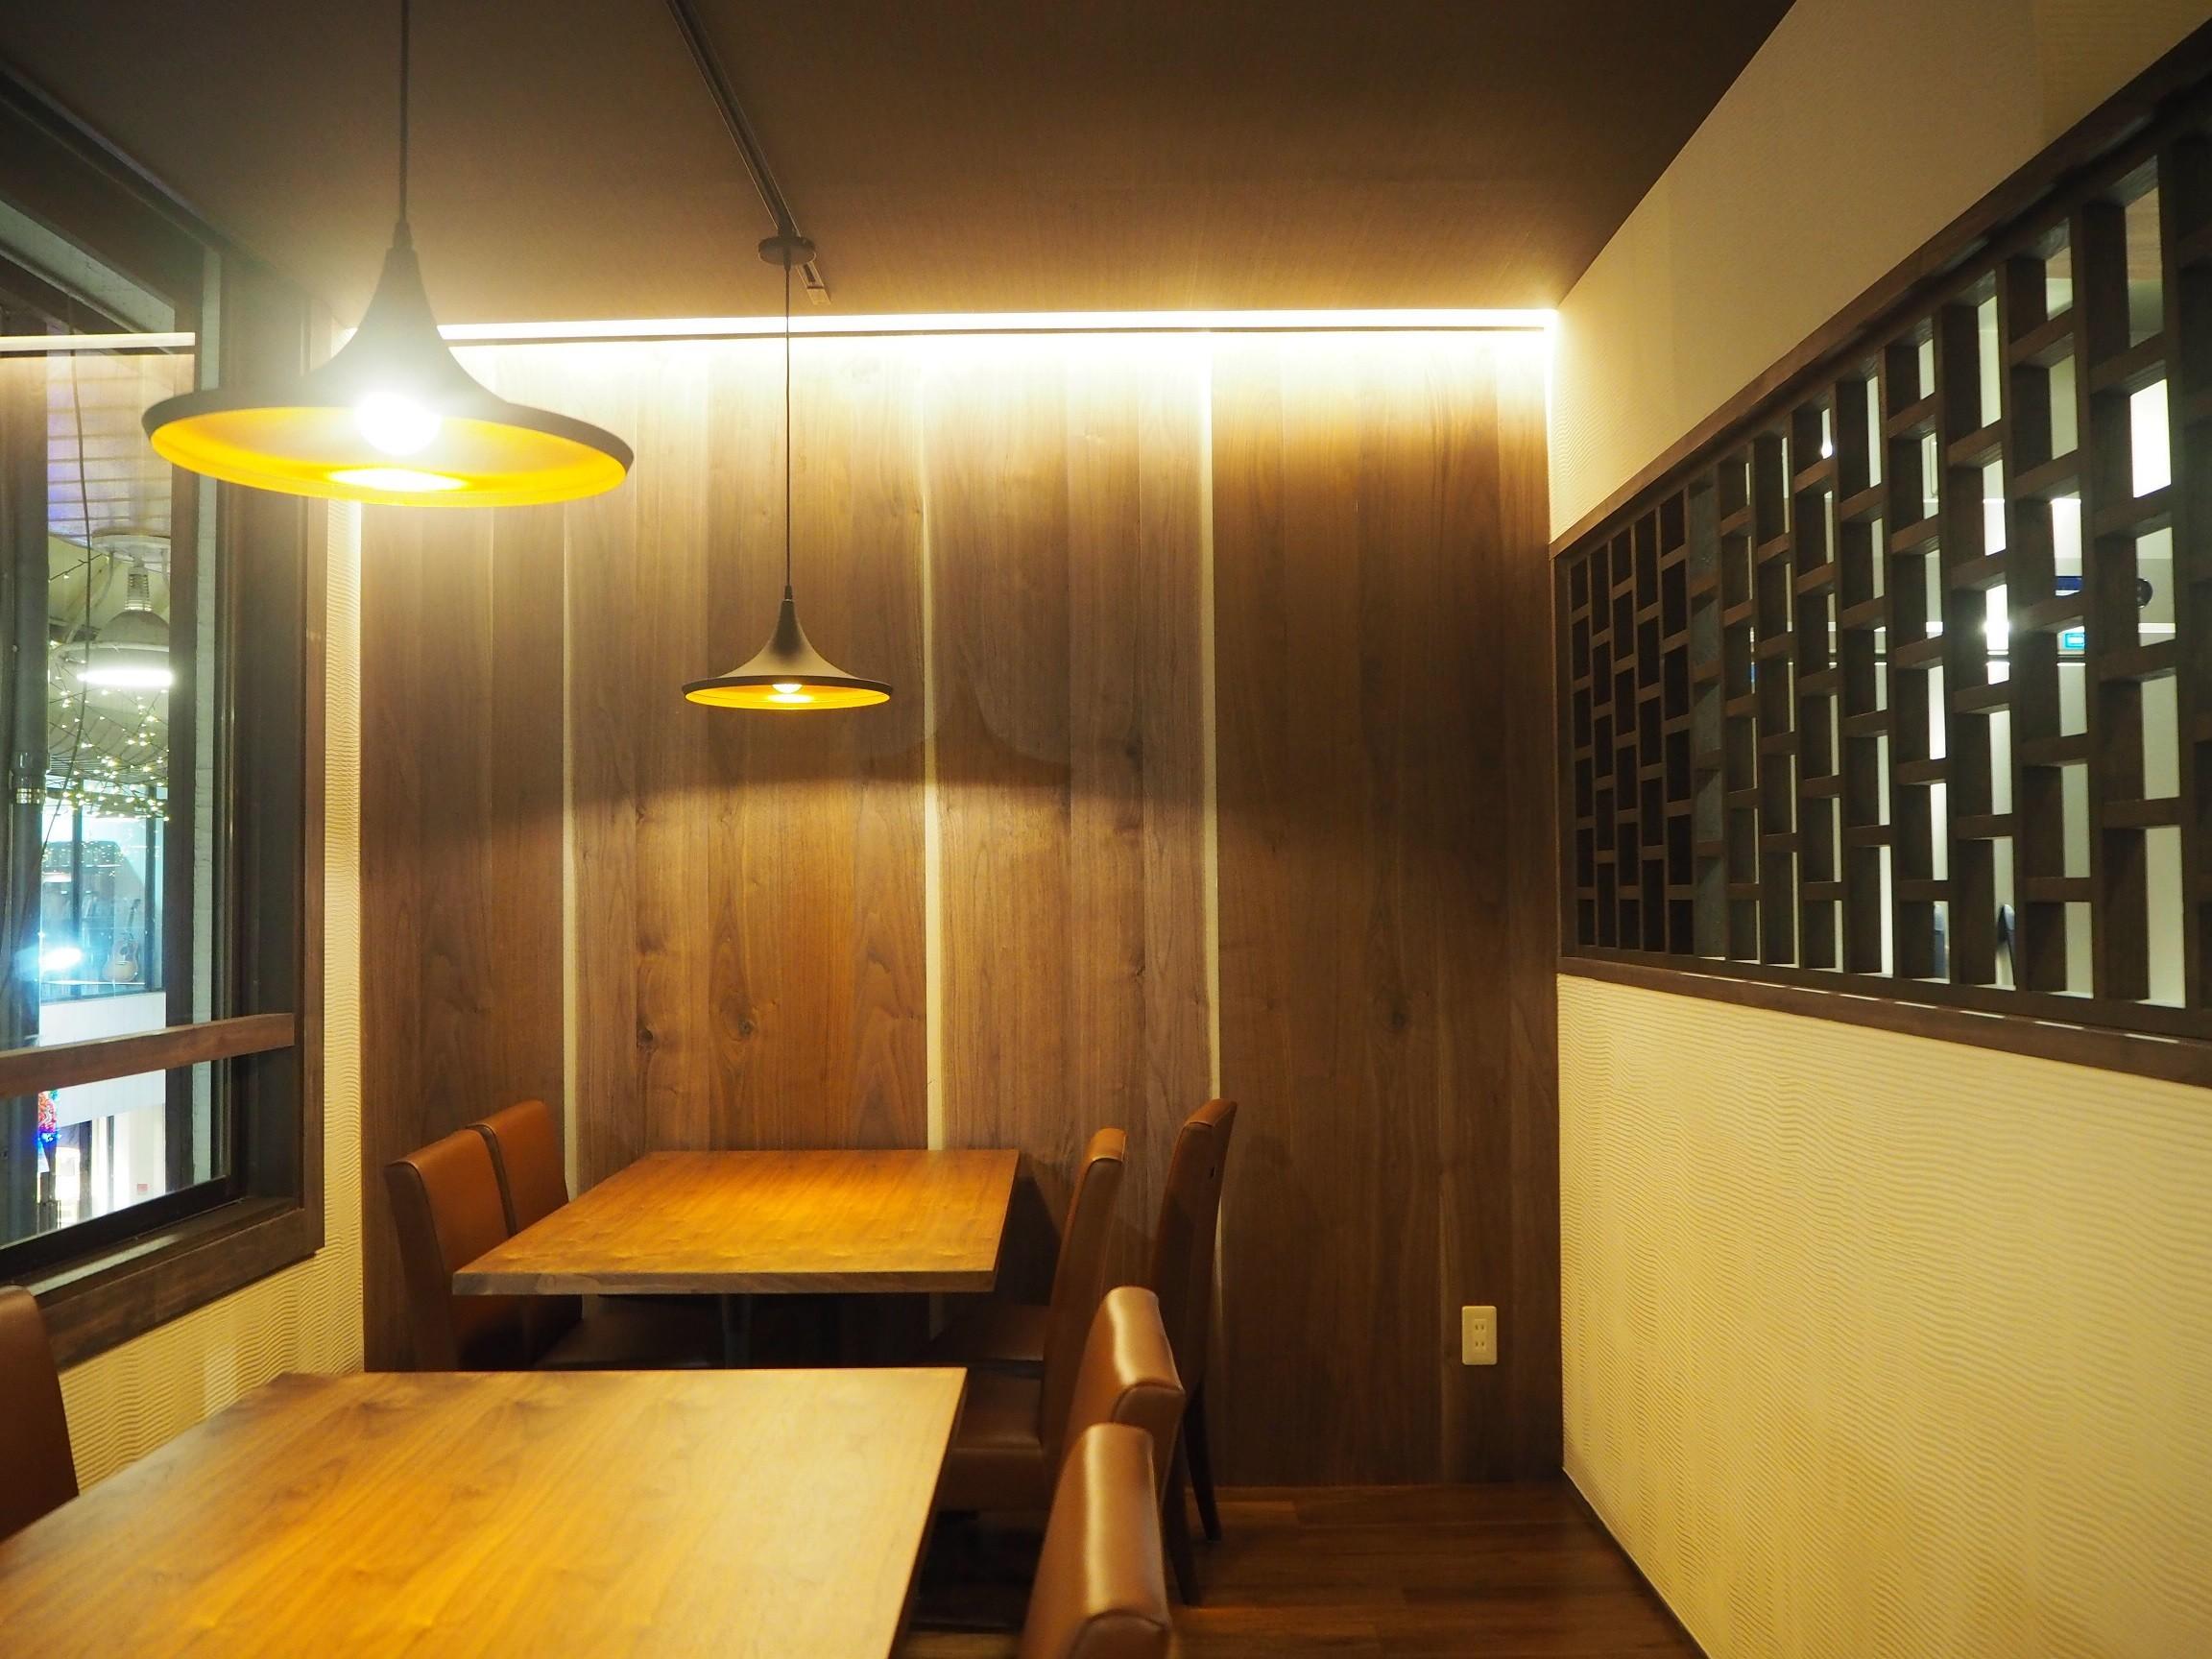 宮崎 季節料理 Shizukuの建築事例写真